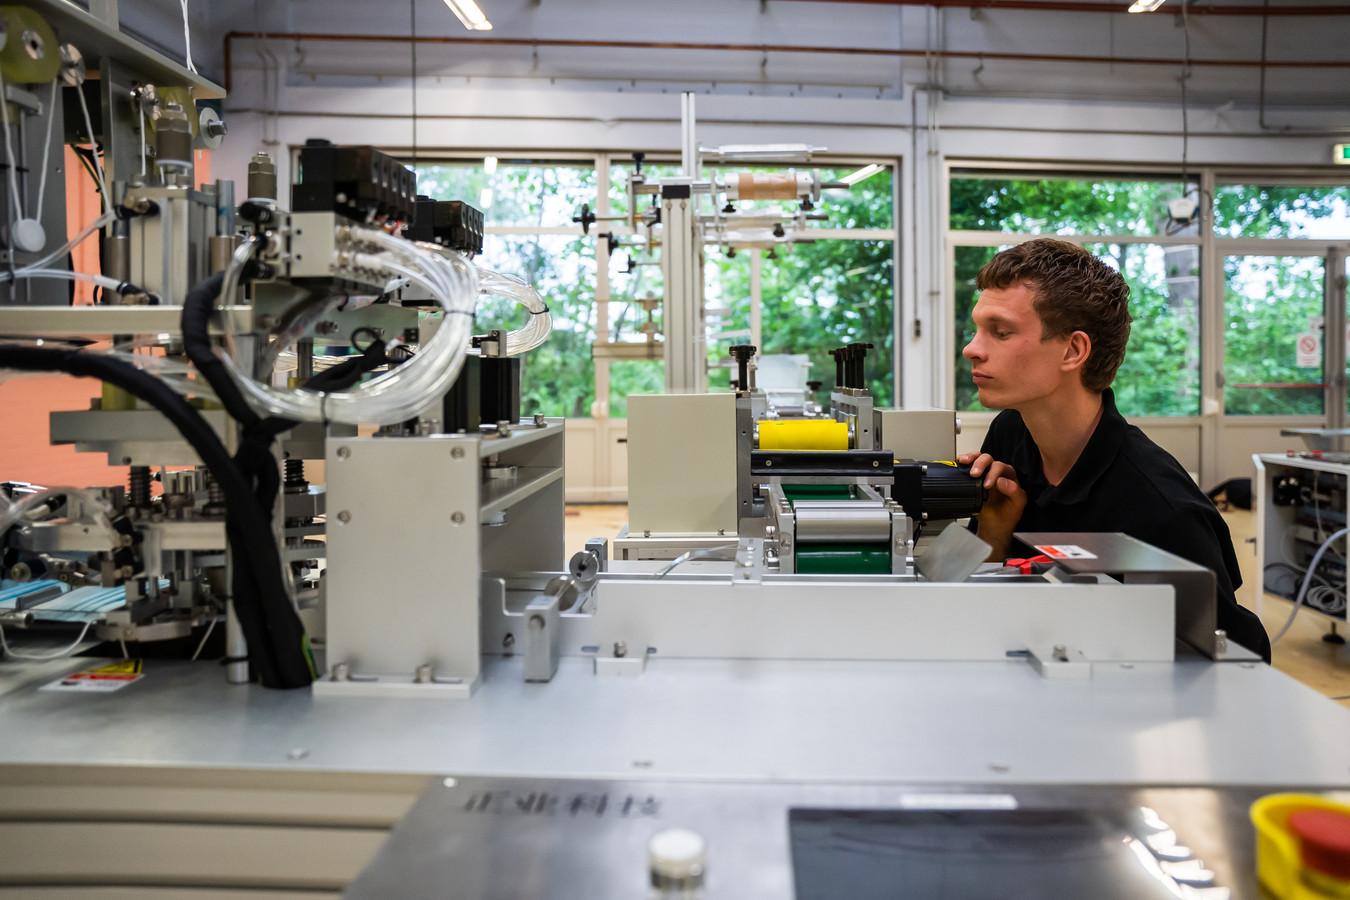 Enrico van de Vliert van het Arnhemse ingenieursbedrijf QING installeert een van de machines voor de Mondmaskerfabriek.